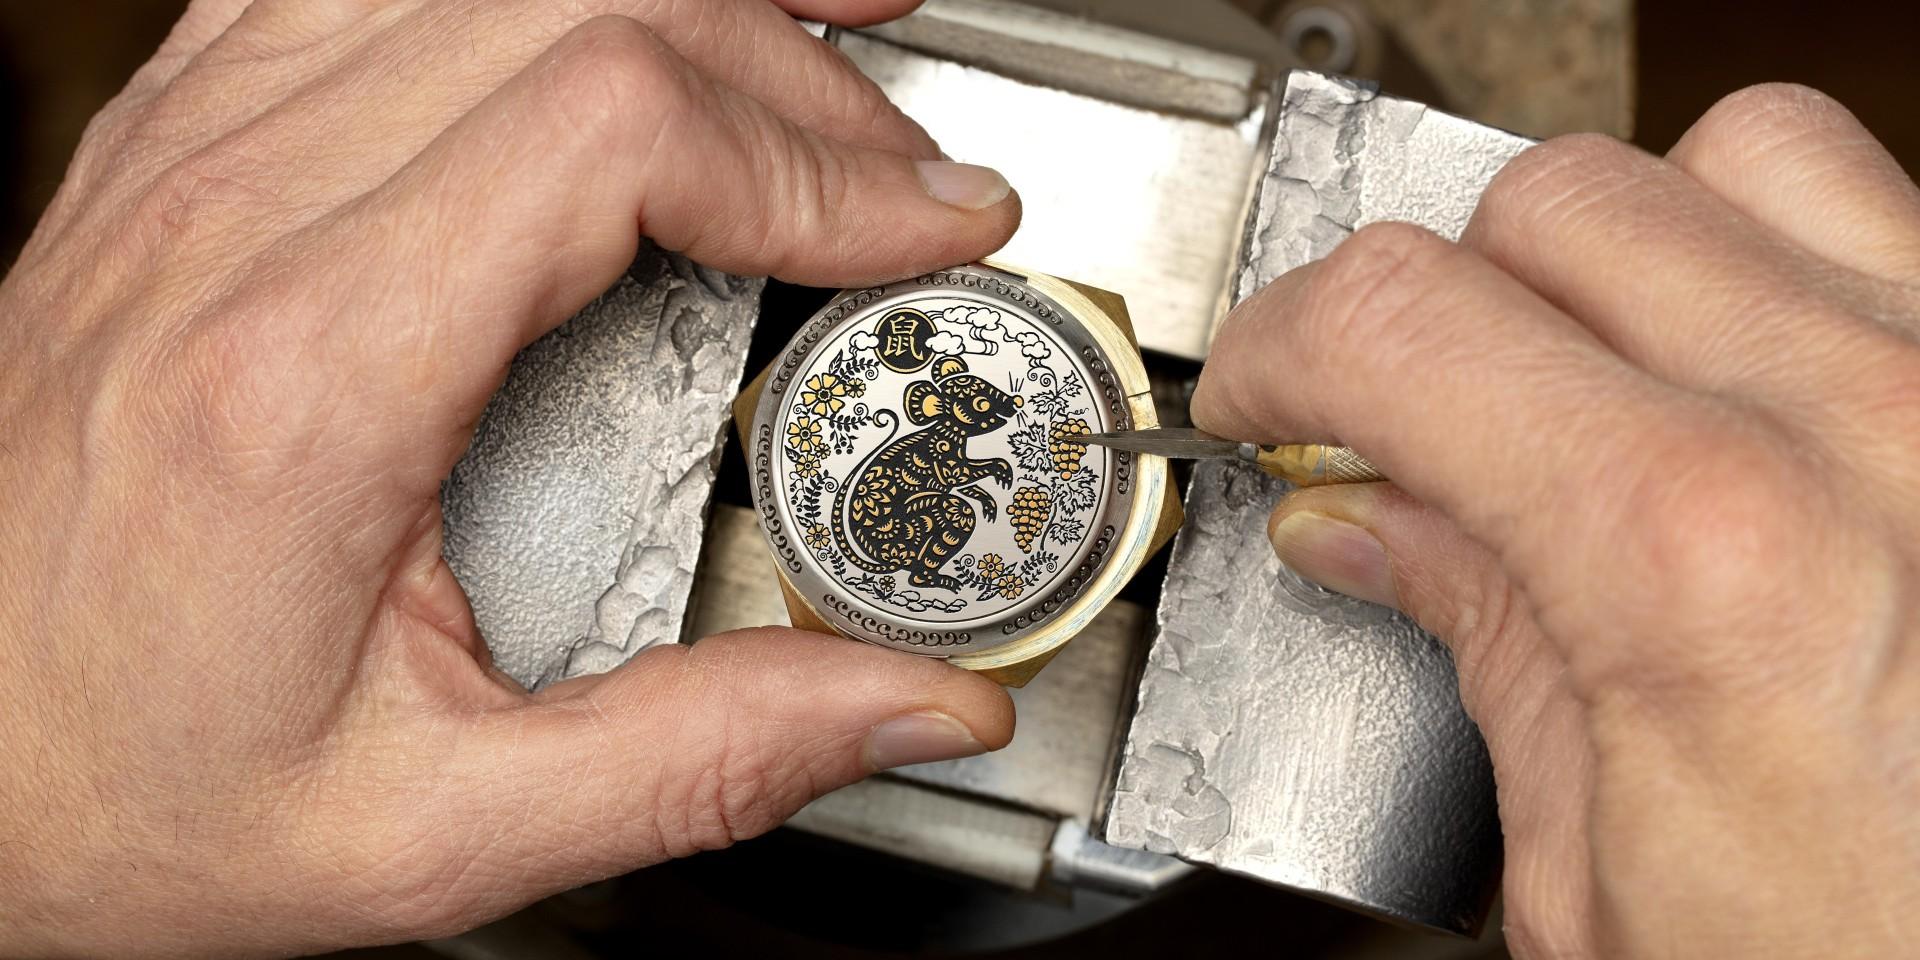 沛納海歡慶庚子鼠年,呈獻88枚Luminor Sealand特別版腕錶